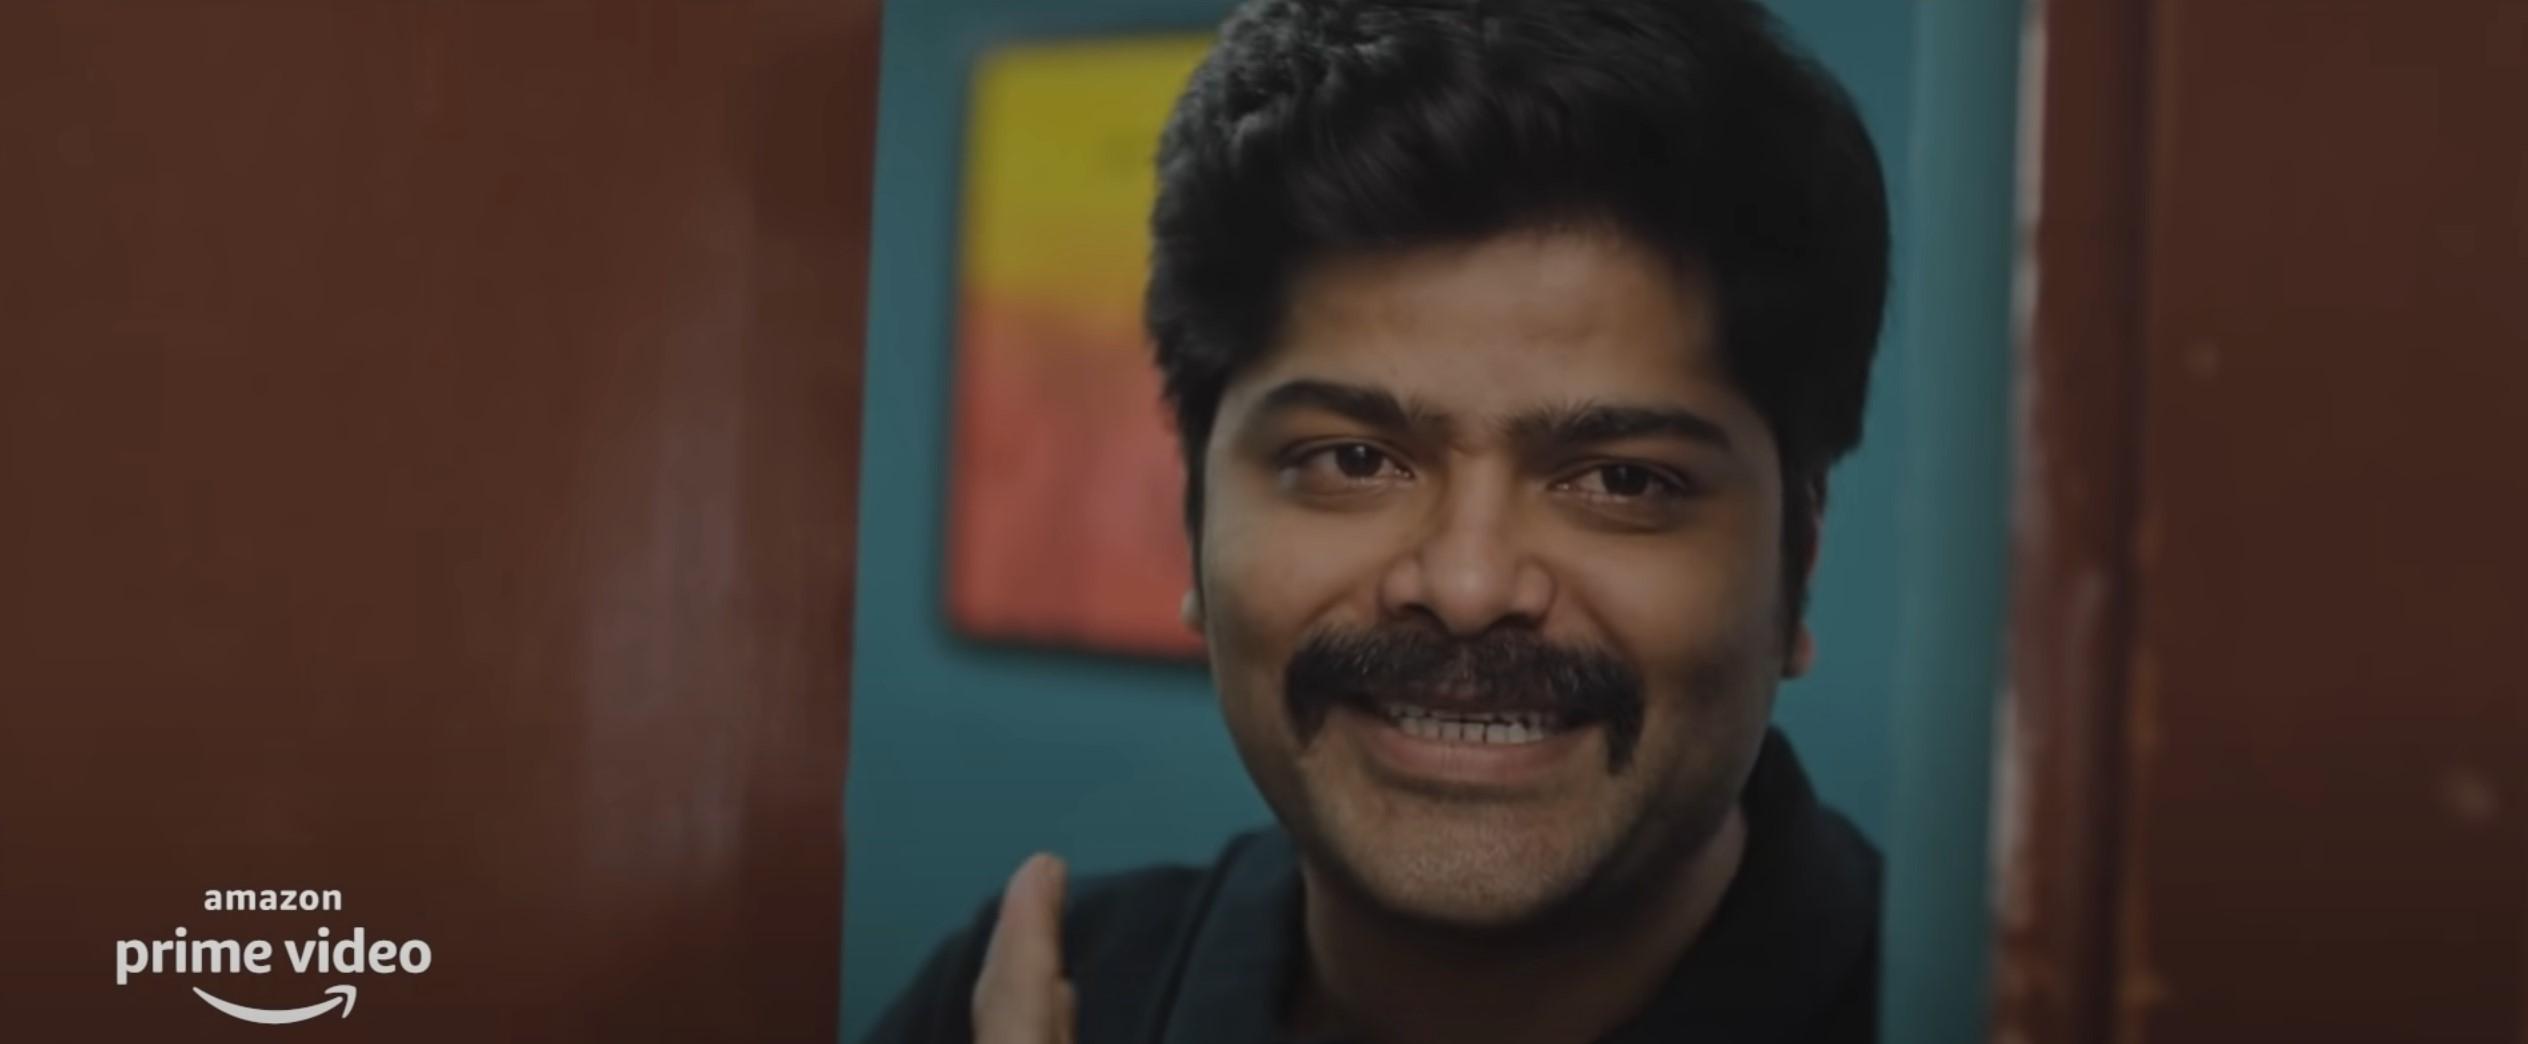 'Ikkat' Full Movie Watch Online For Free   2021 Kannada Movie   Nagabhushana, Bhoomi Shetty, Sundar